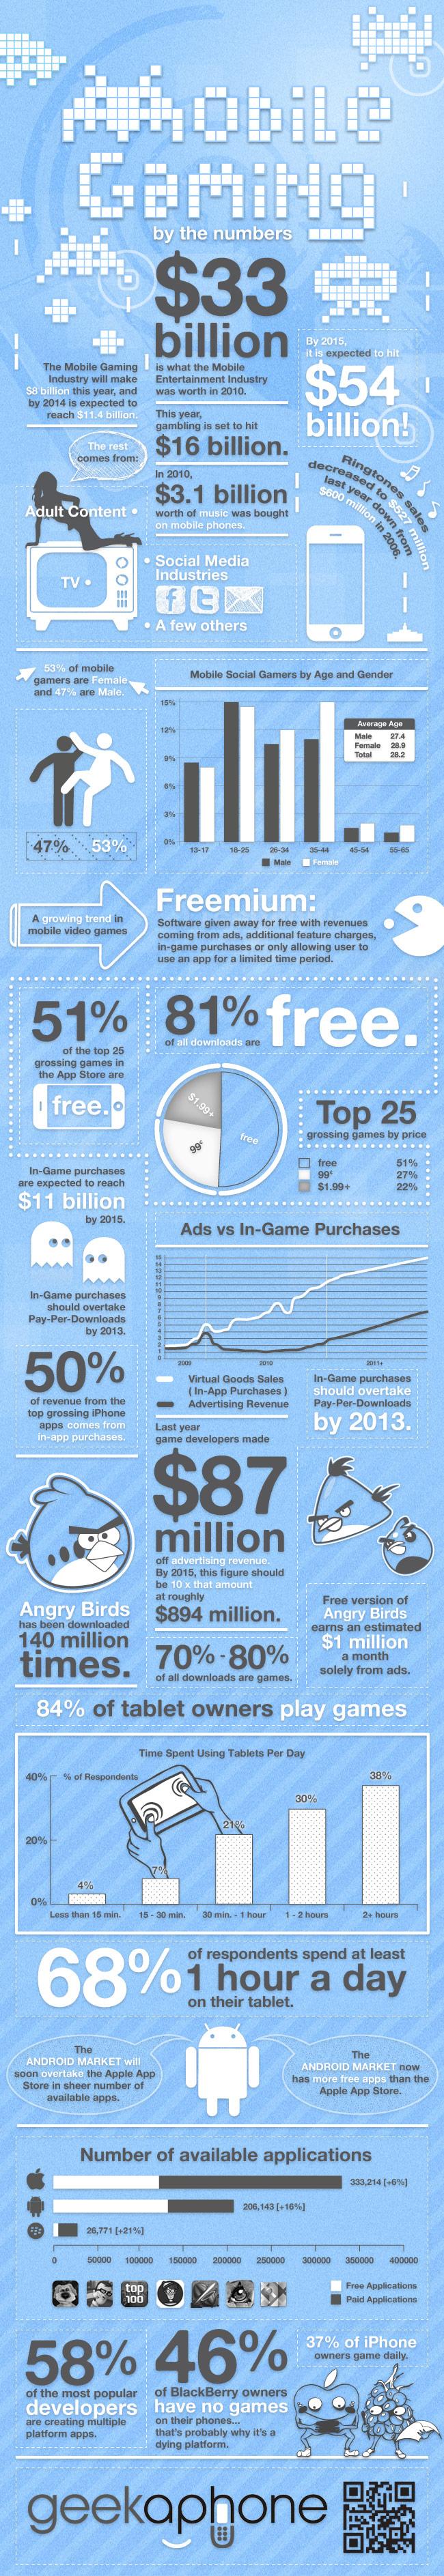 La Industria de los Juegos Móviles [Infografía] - Mobile-Gaming-by-numbers